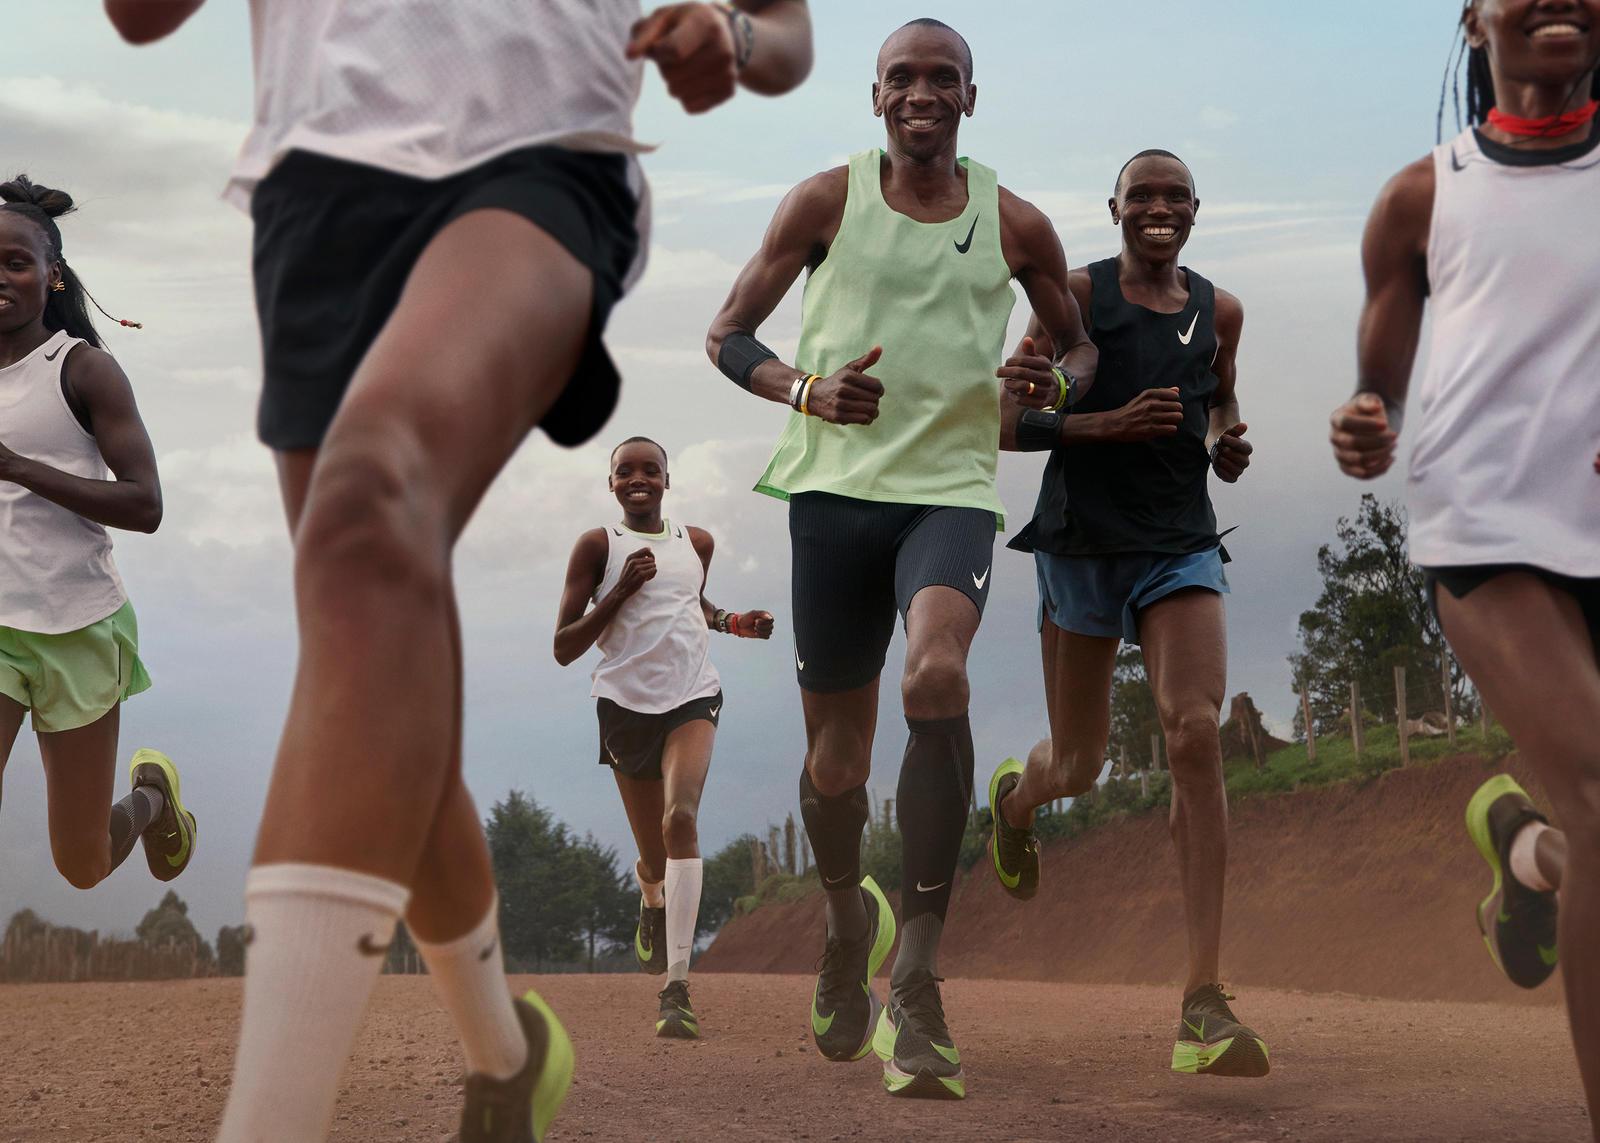 La Nike Alphafly bientôt acceptée en compétition